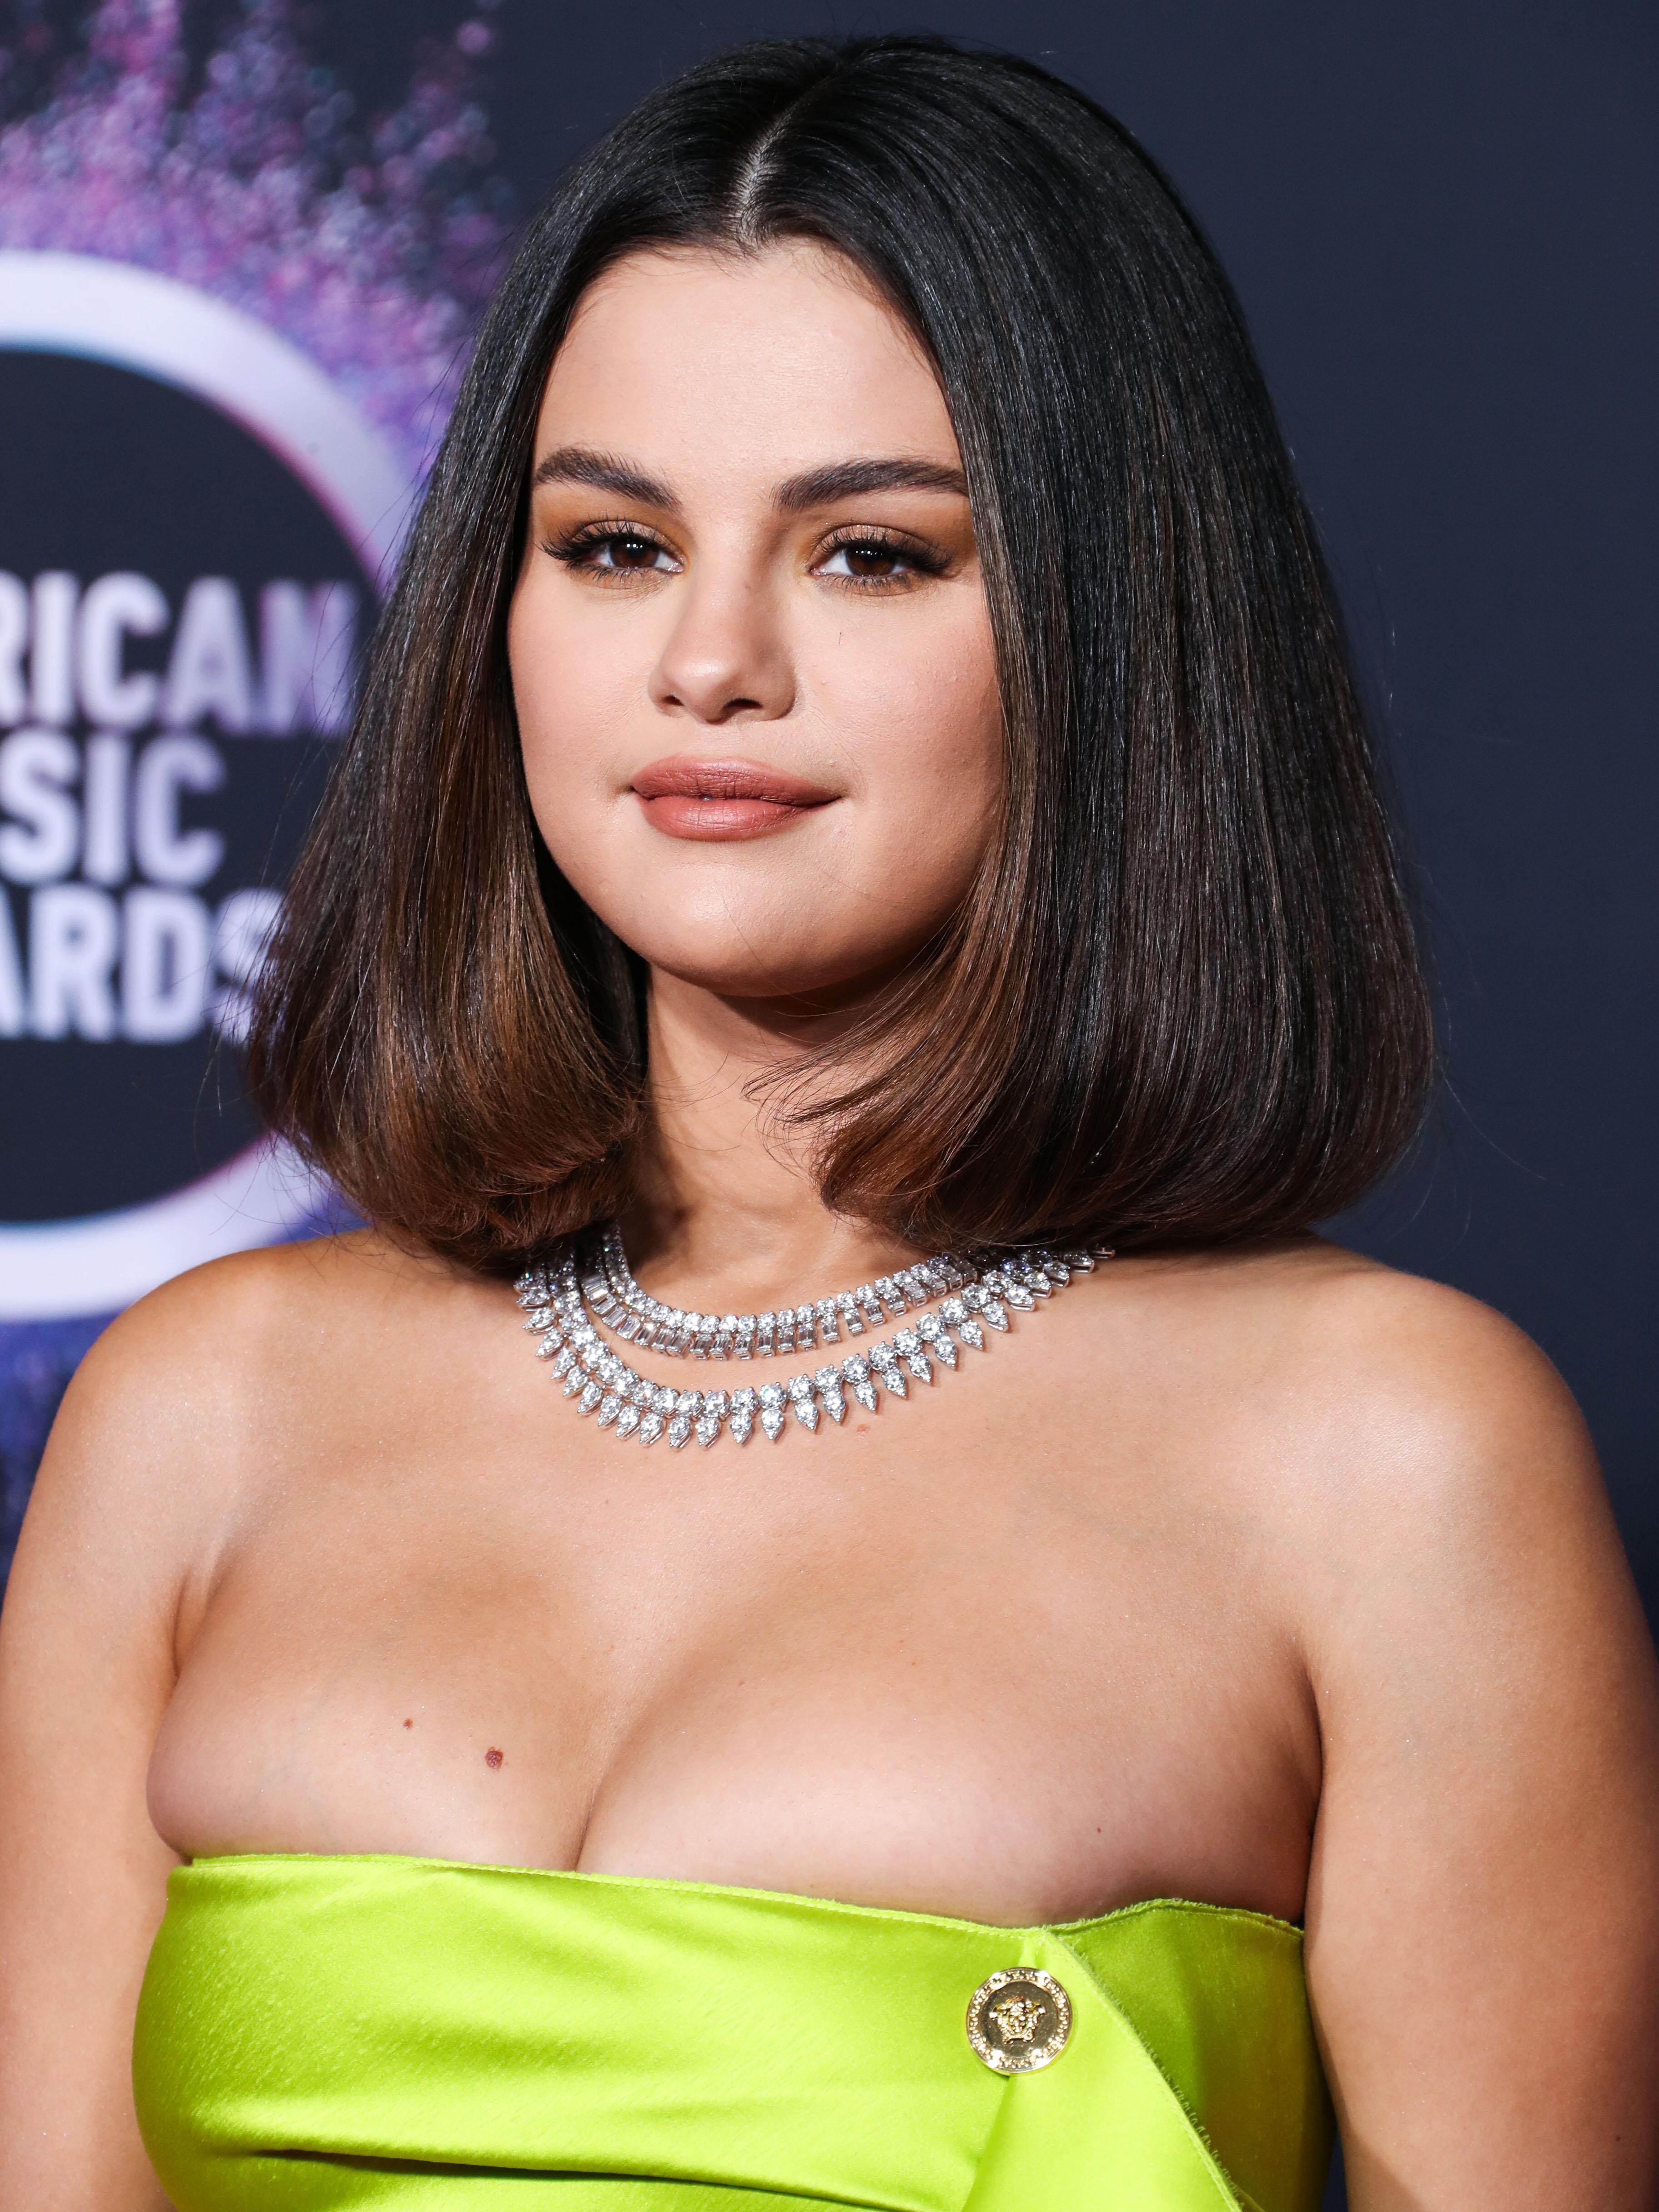 Η Selena Gomez μόλις έκανε το trendiest κούρεμα της σεζόν!